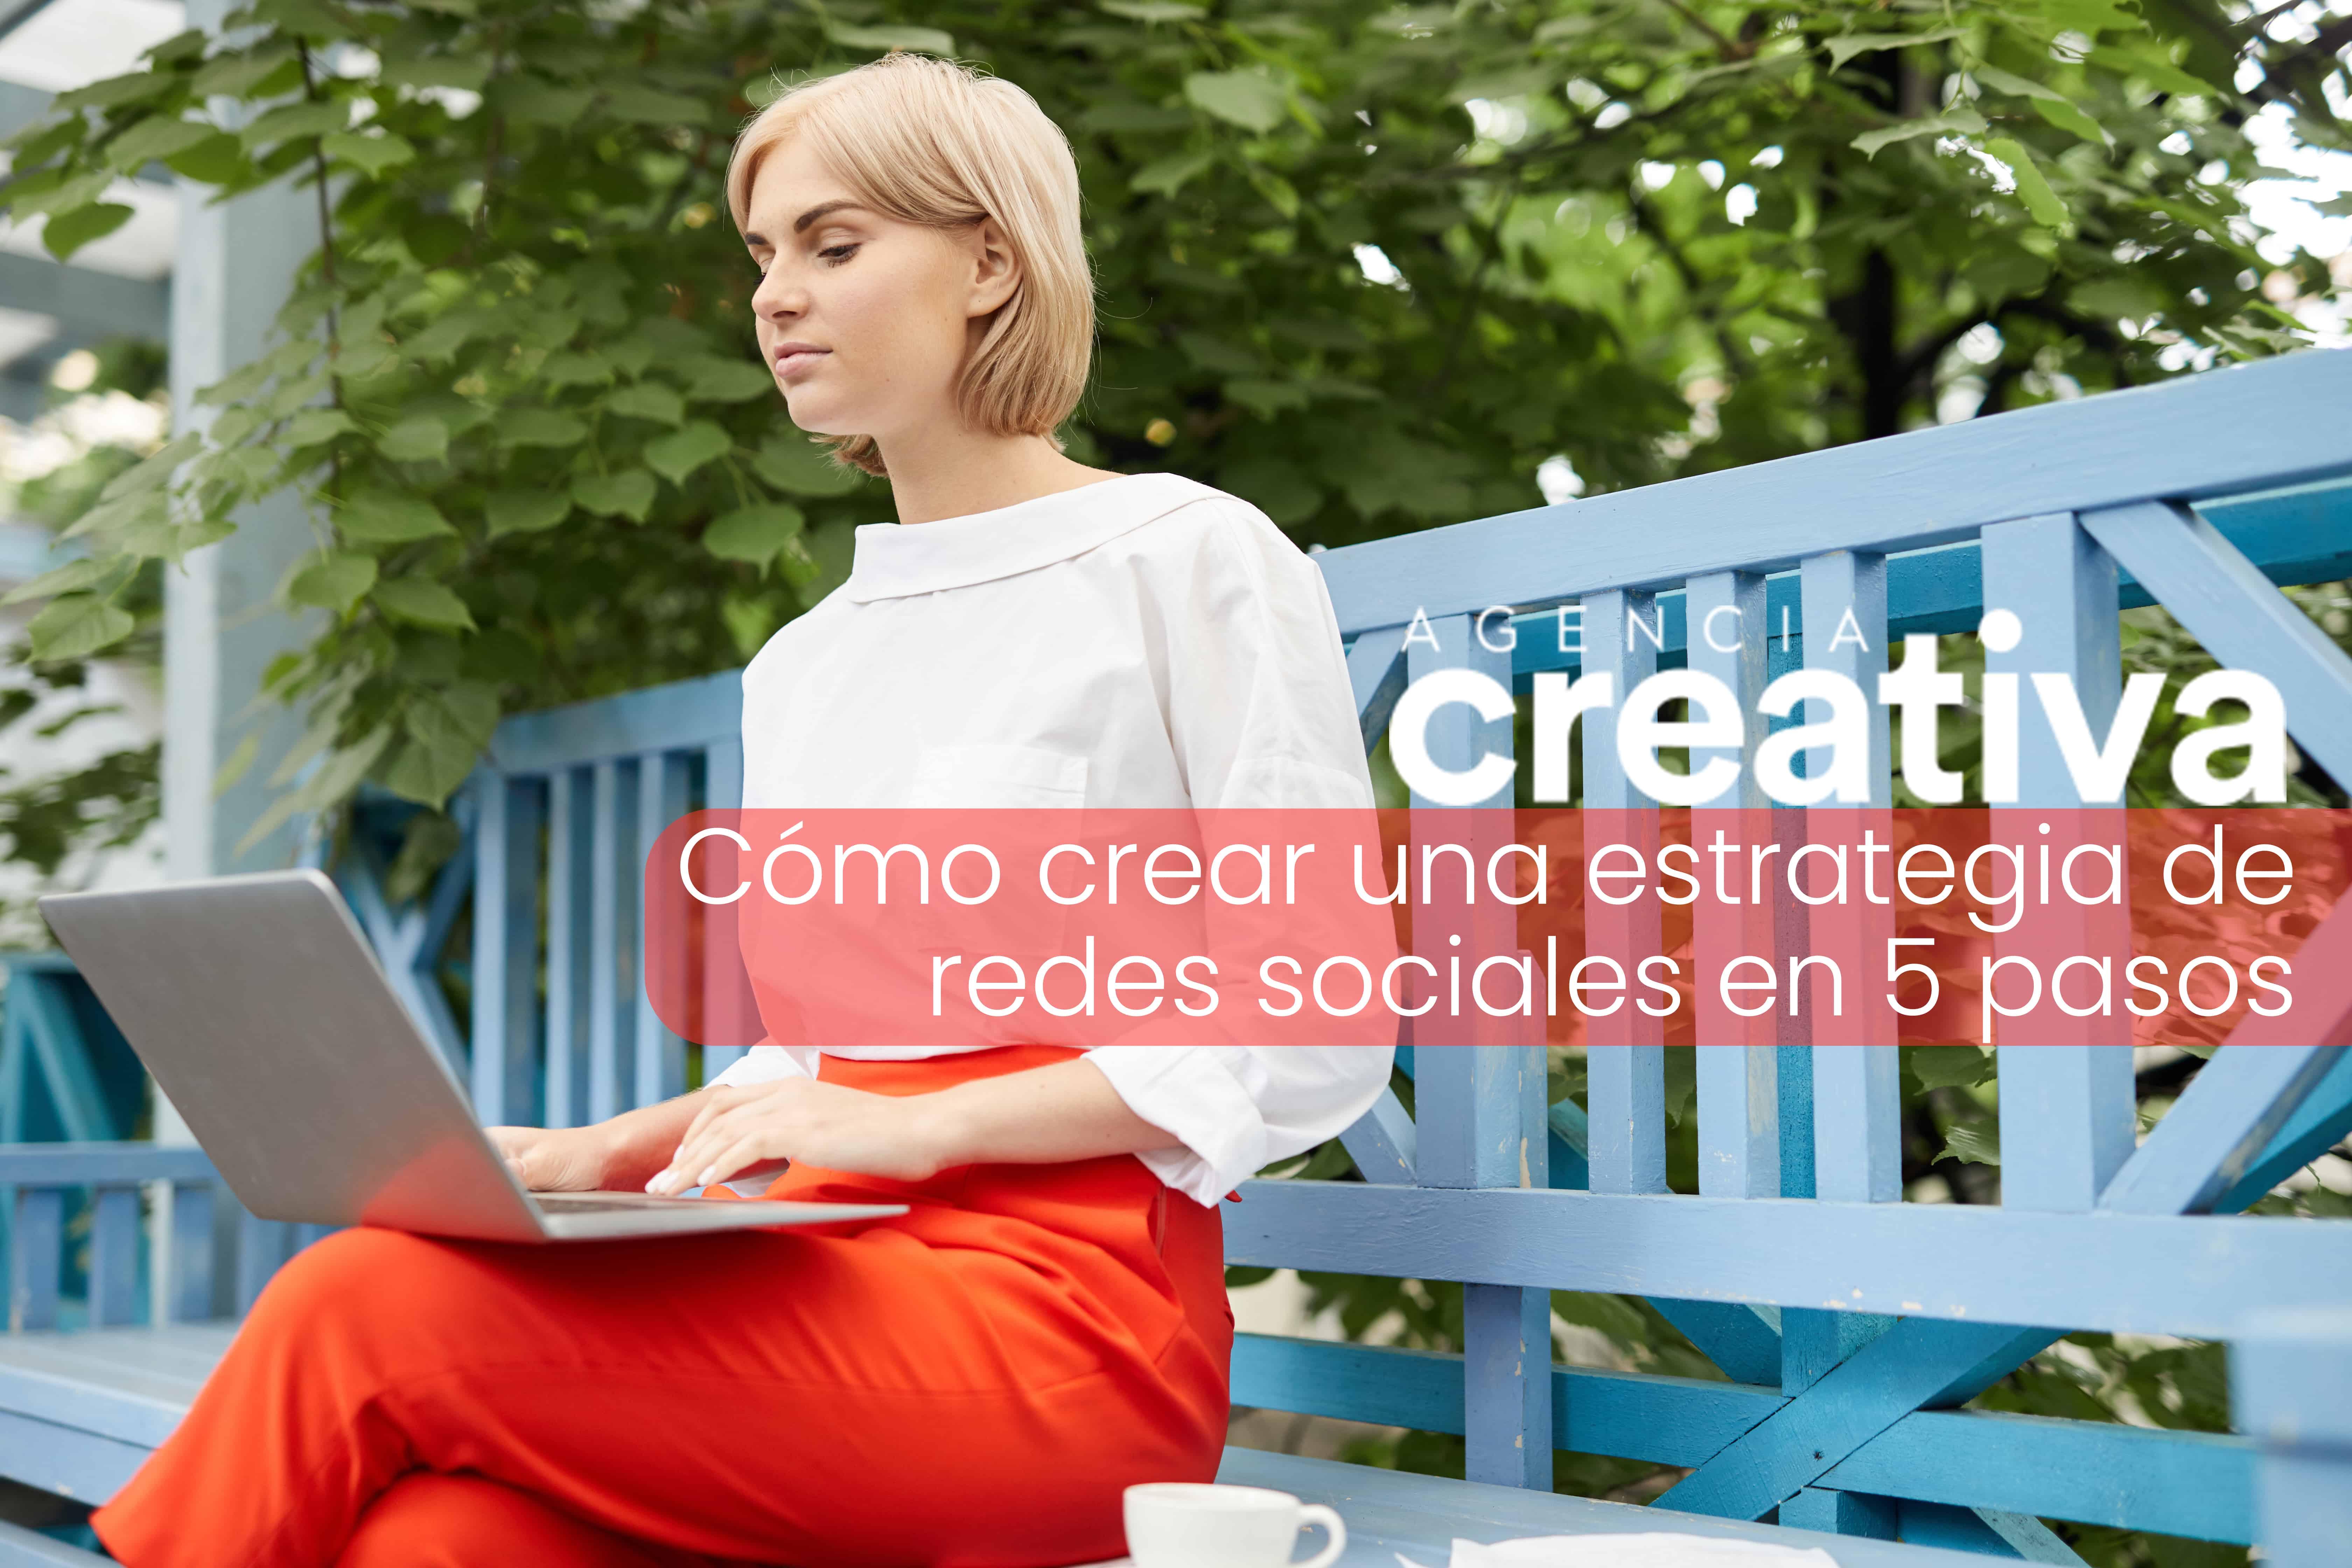 Cómo crear una estrategia de redes sociales en 5 pasos 1